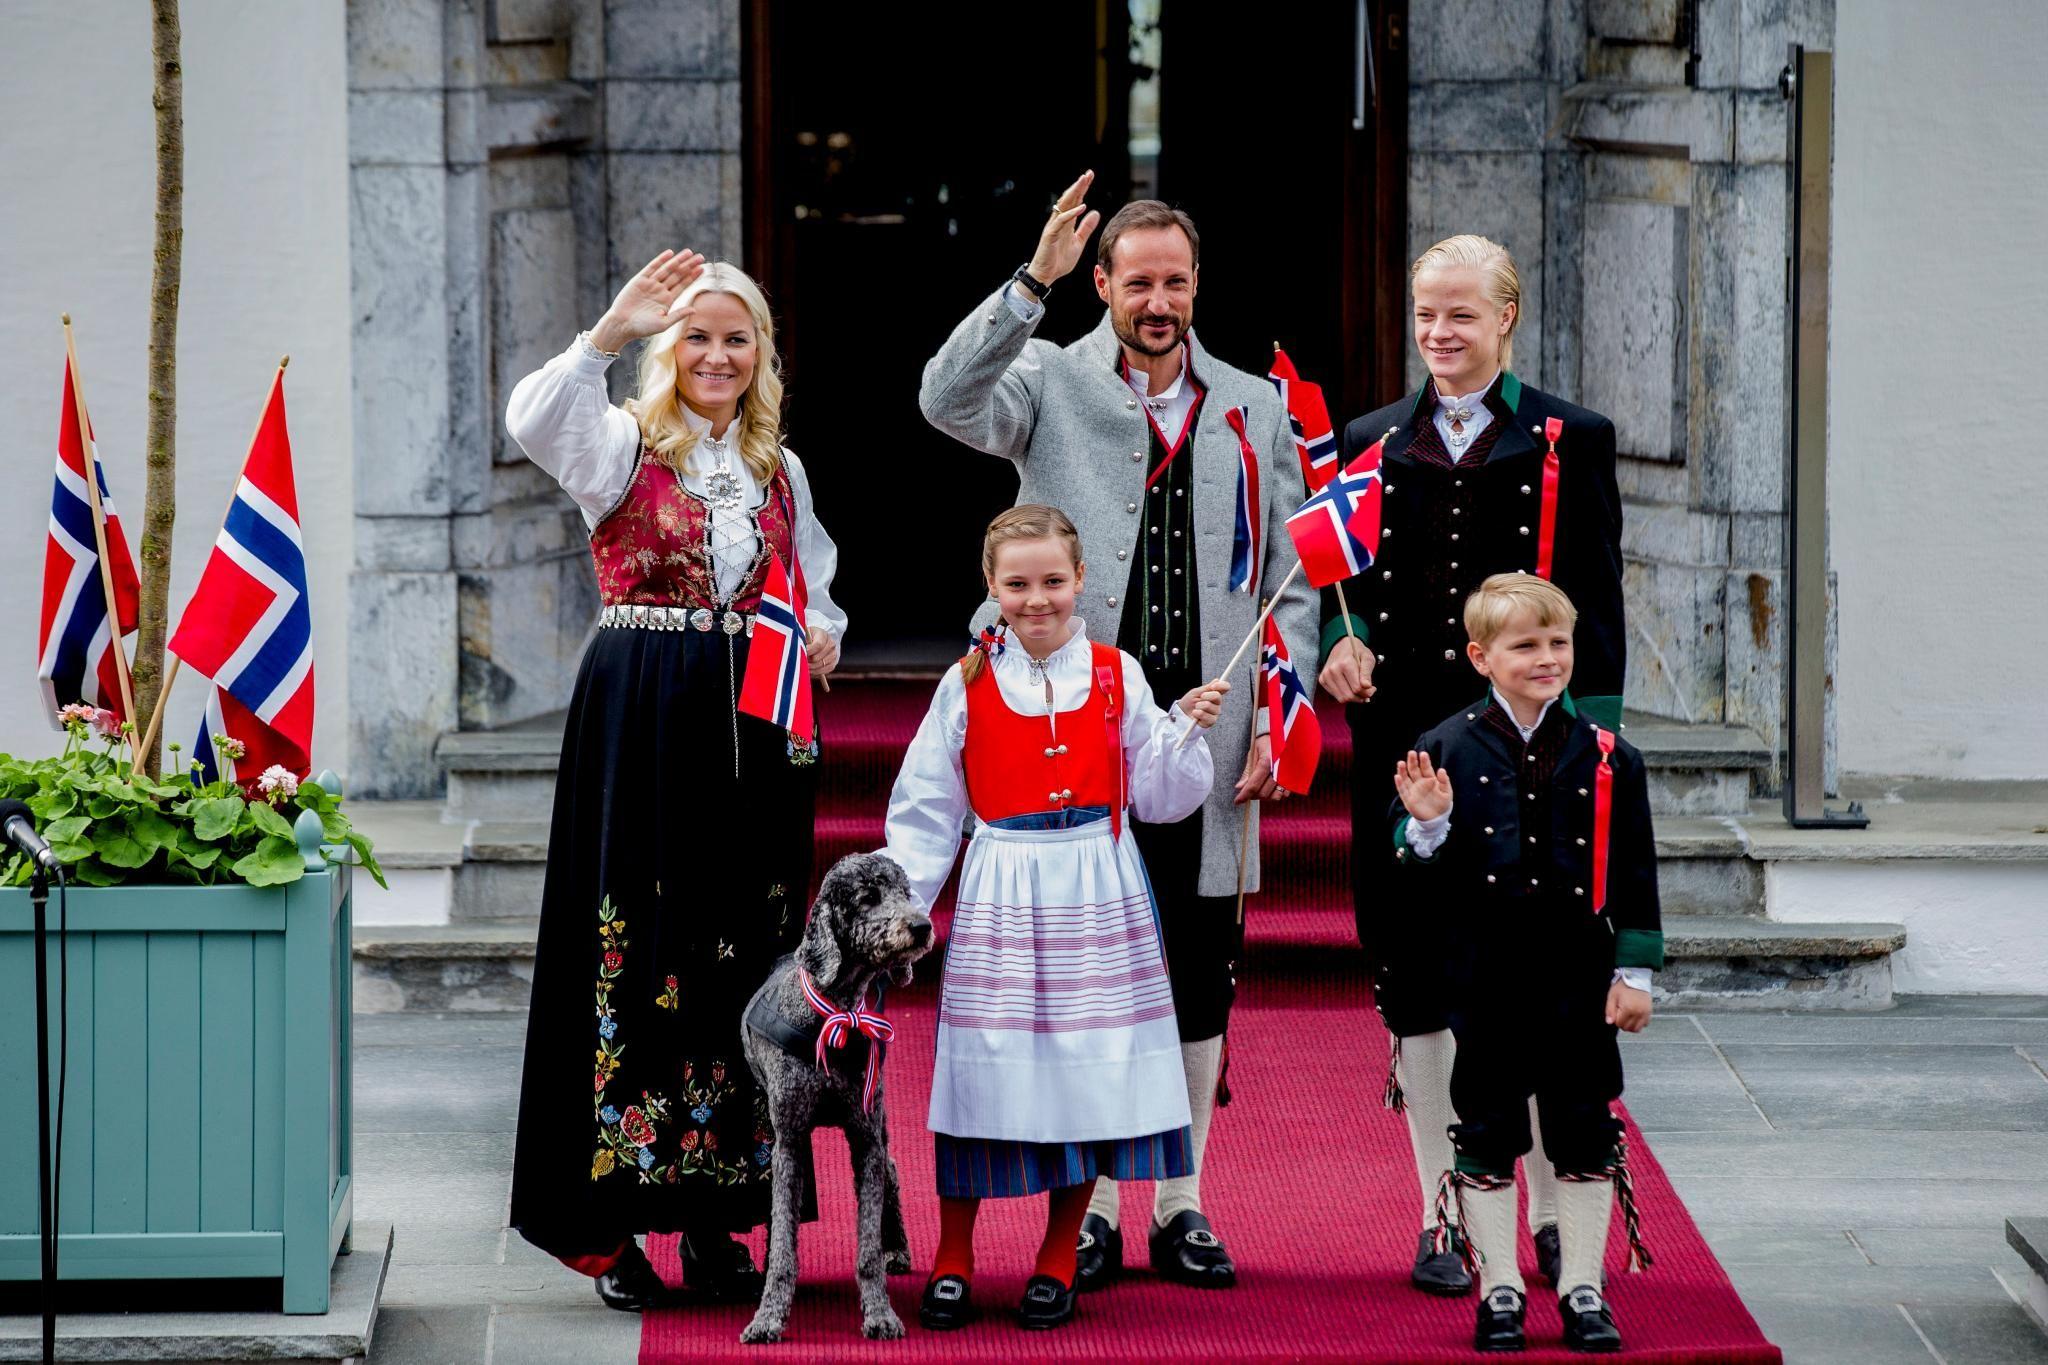 17 Mai 2013 Am Nationalfeiertag In Norwegen Zeigt Sich Die Kronprinzenfamilie Traditionell In Tracht Und Mit Hund Milly Kakao Norwegen Prinz Nationalfeiertag